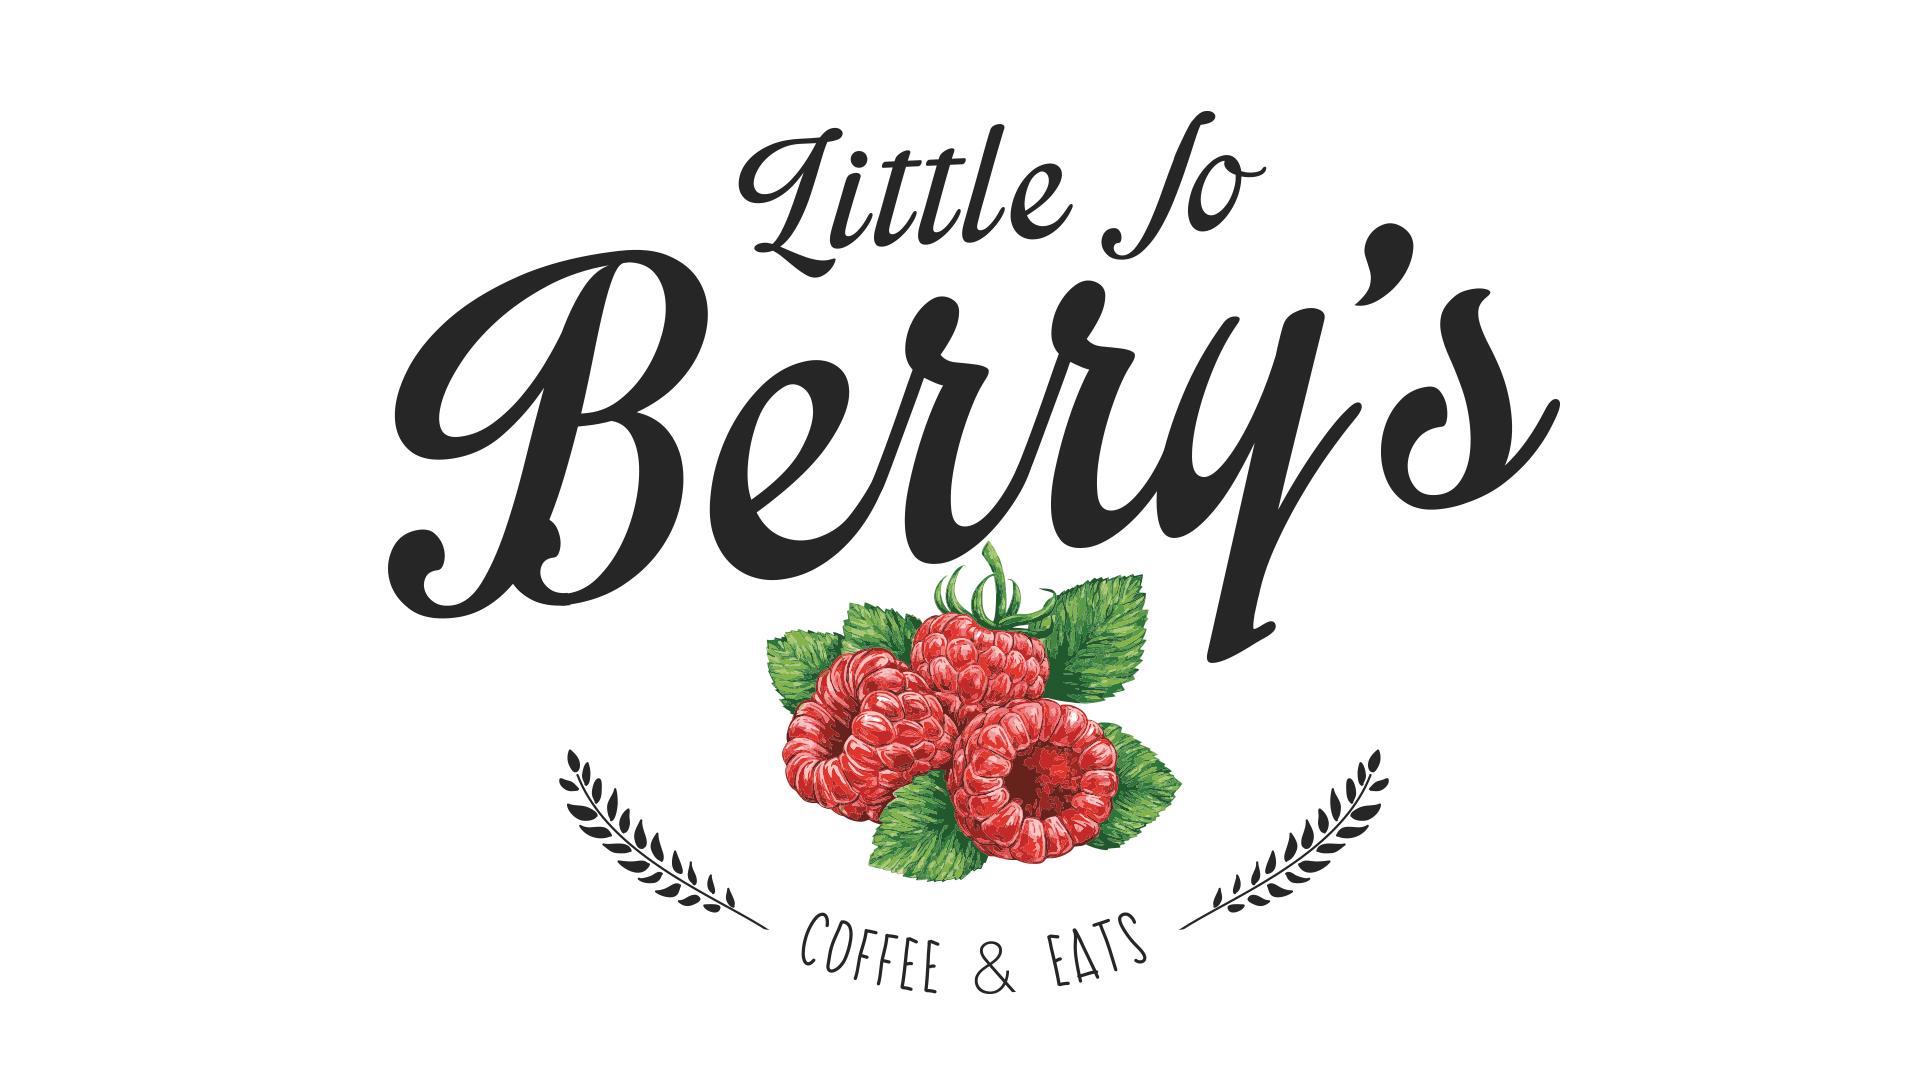 Little Jo Berrys logo.jpeg